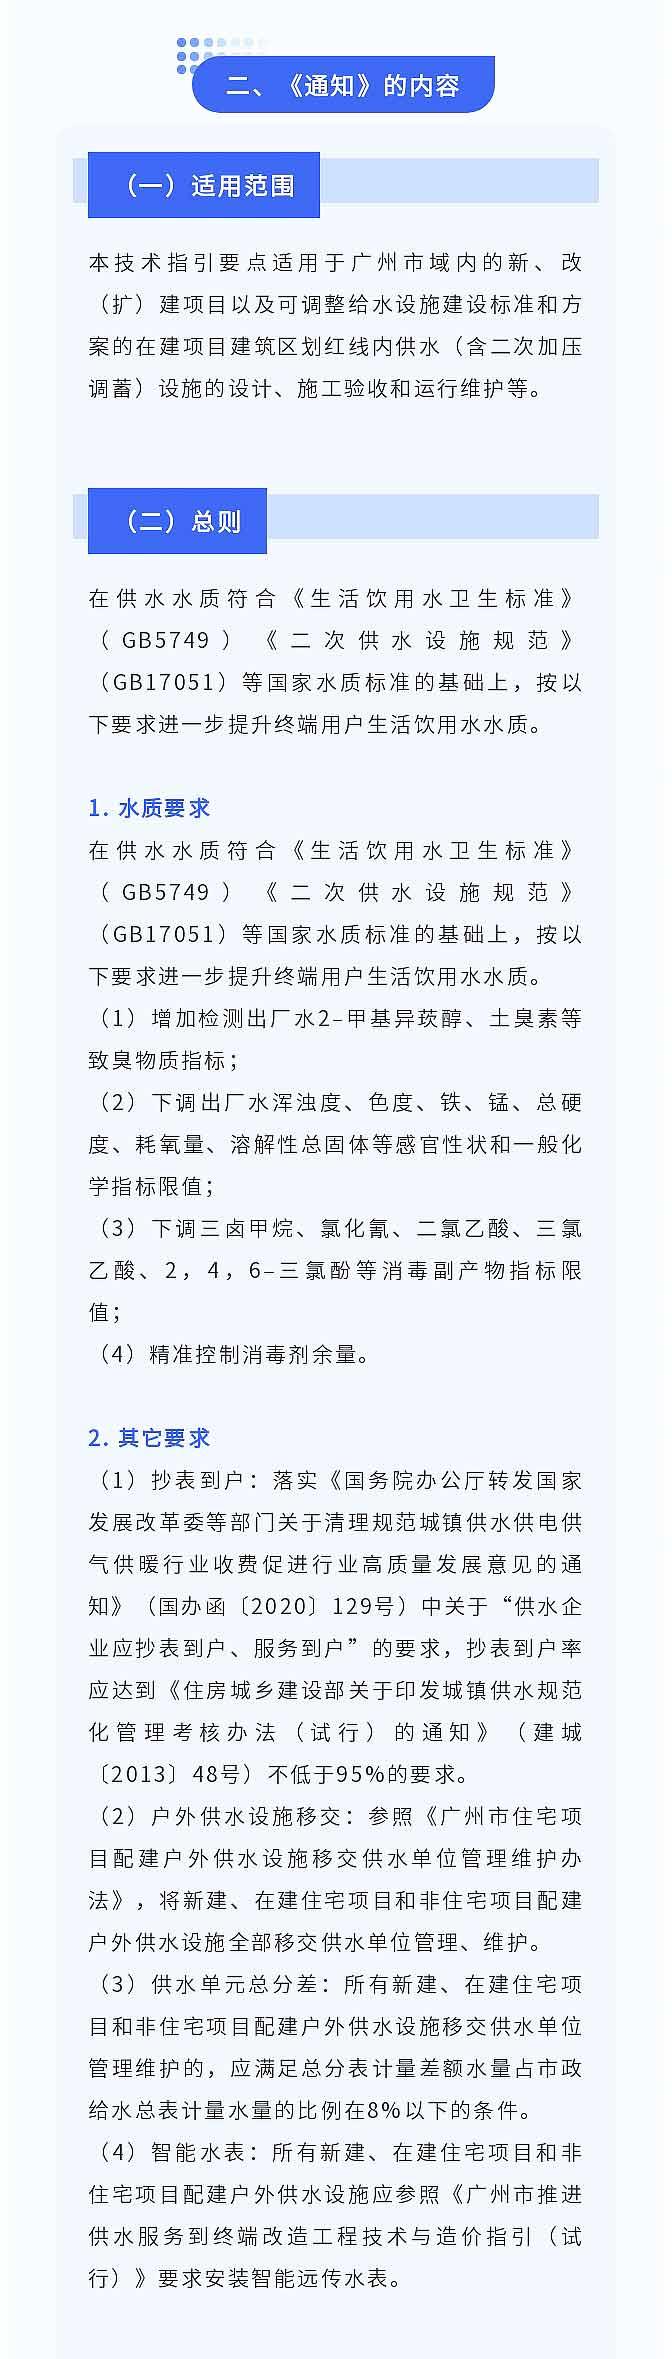 广州市水务局关于印发广州市生活饮用水品质提升技术指引要点(试行)的通知政策解读_02